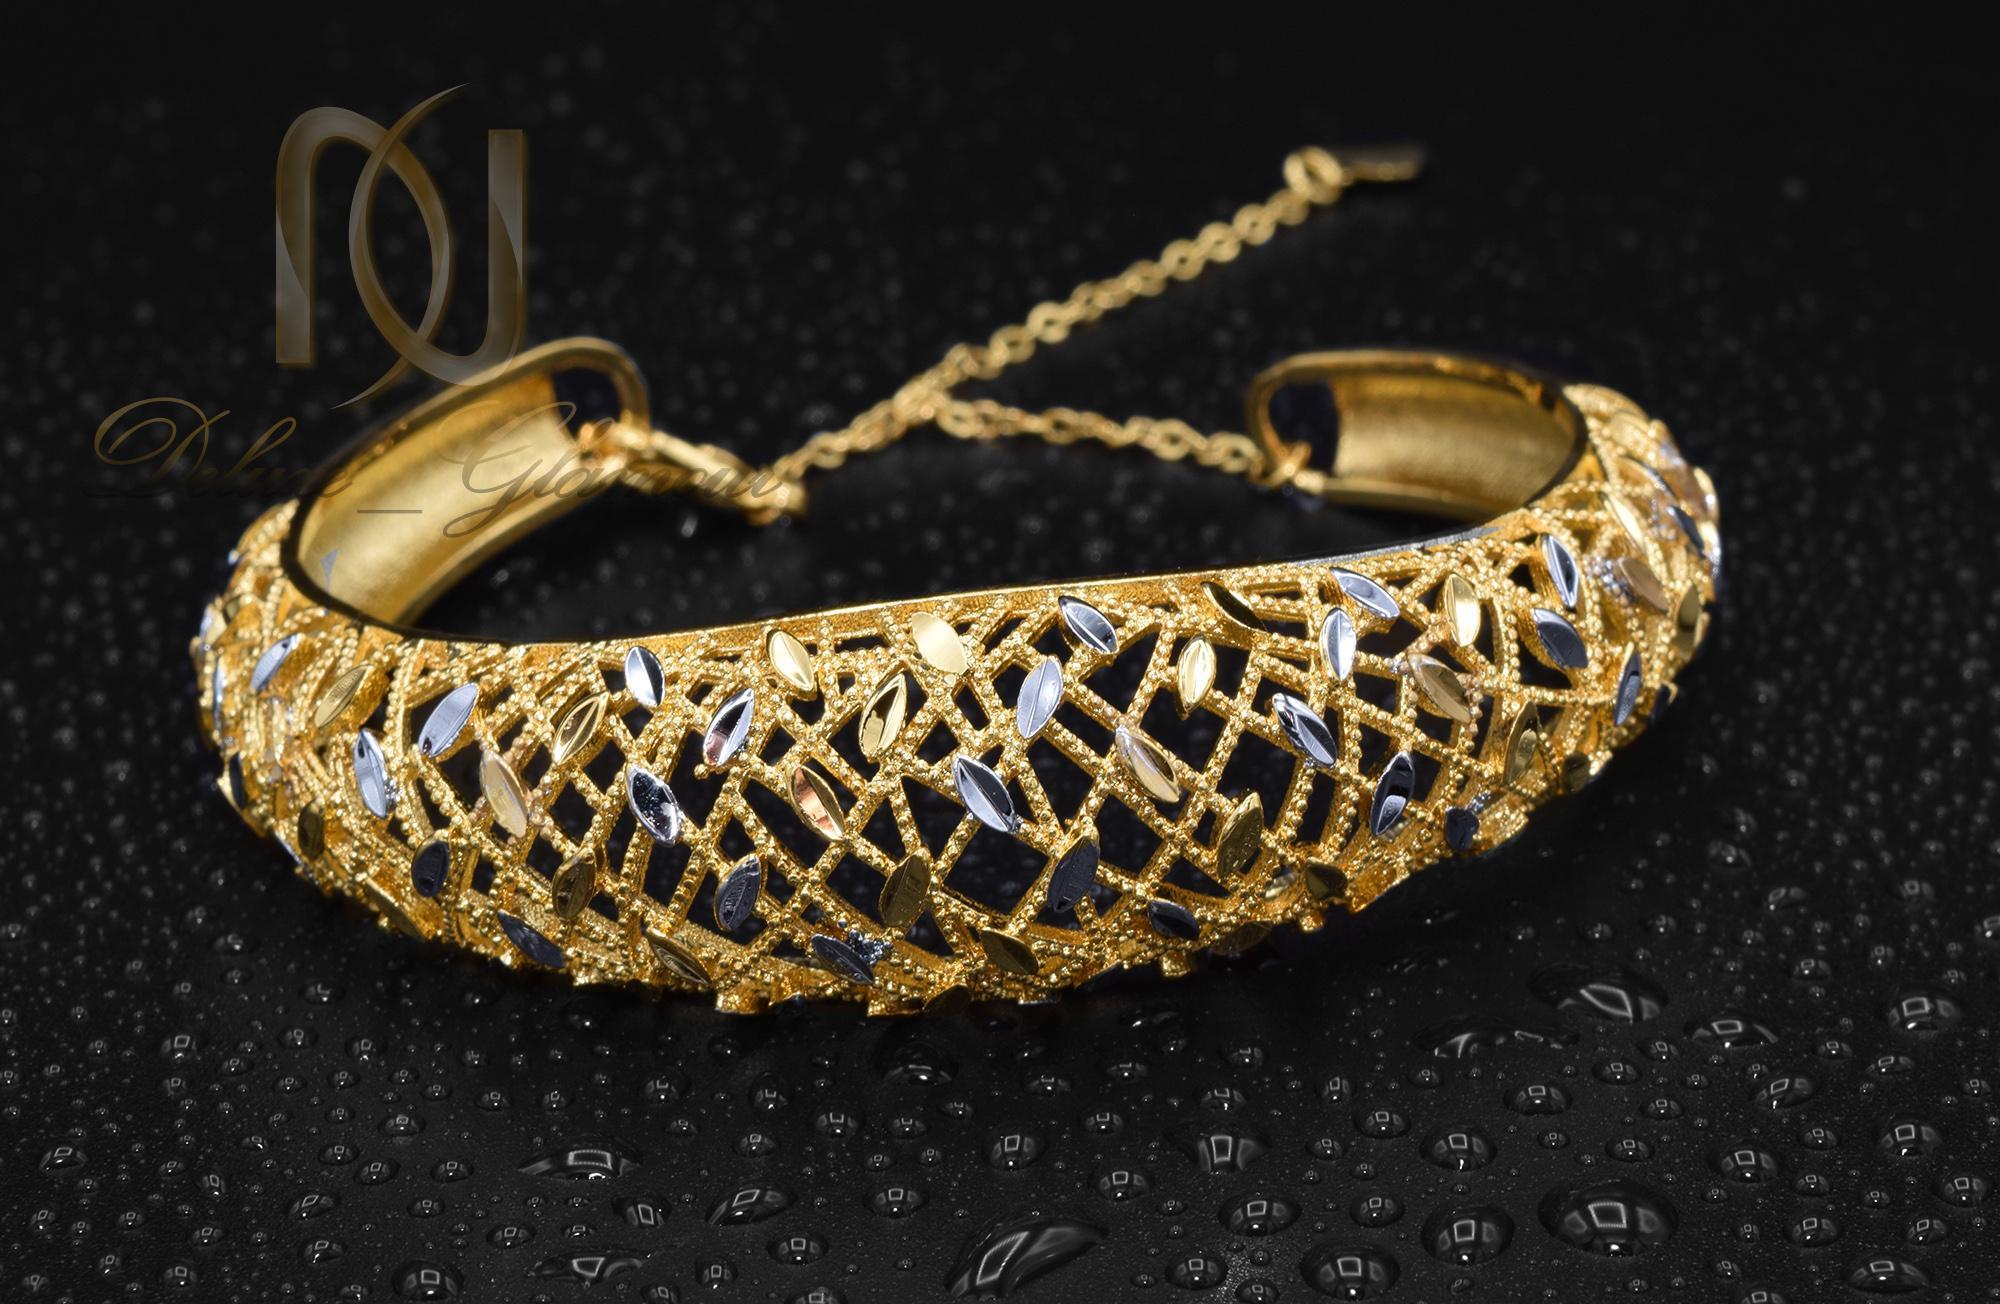 دستبند زنانه برنجی توری دو رنگ ds-n373 (4)